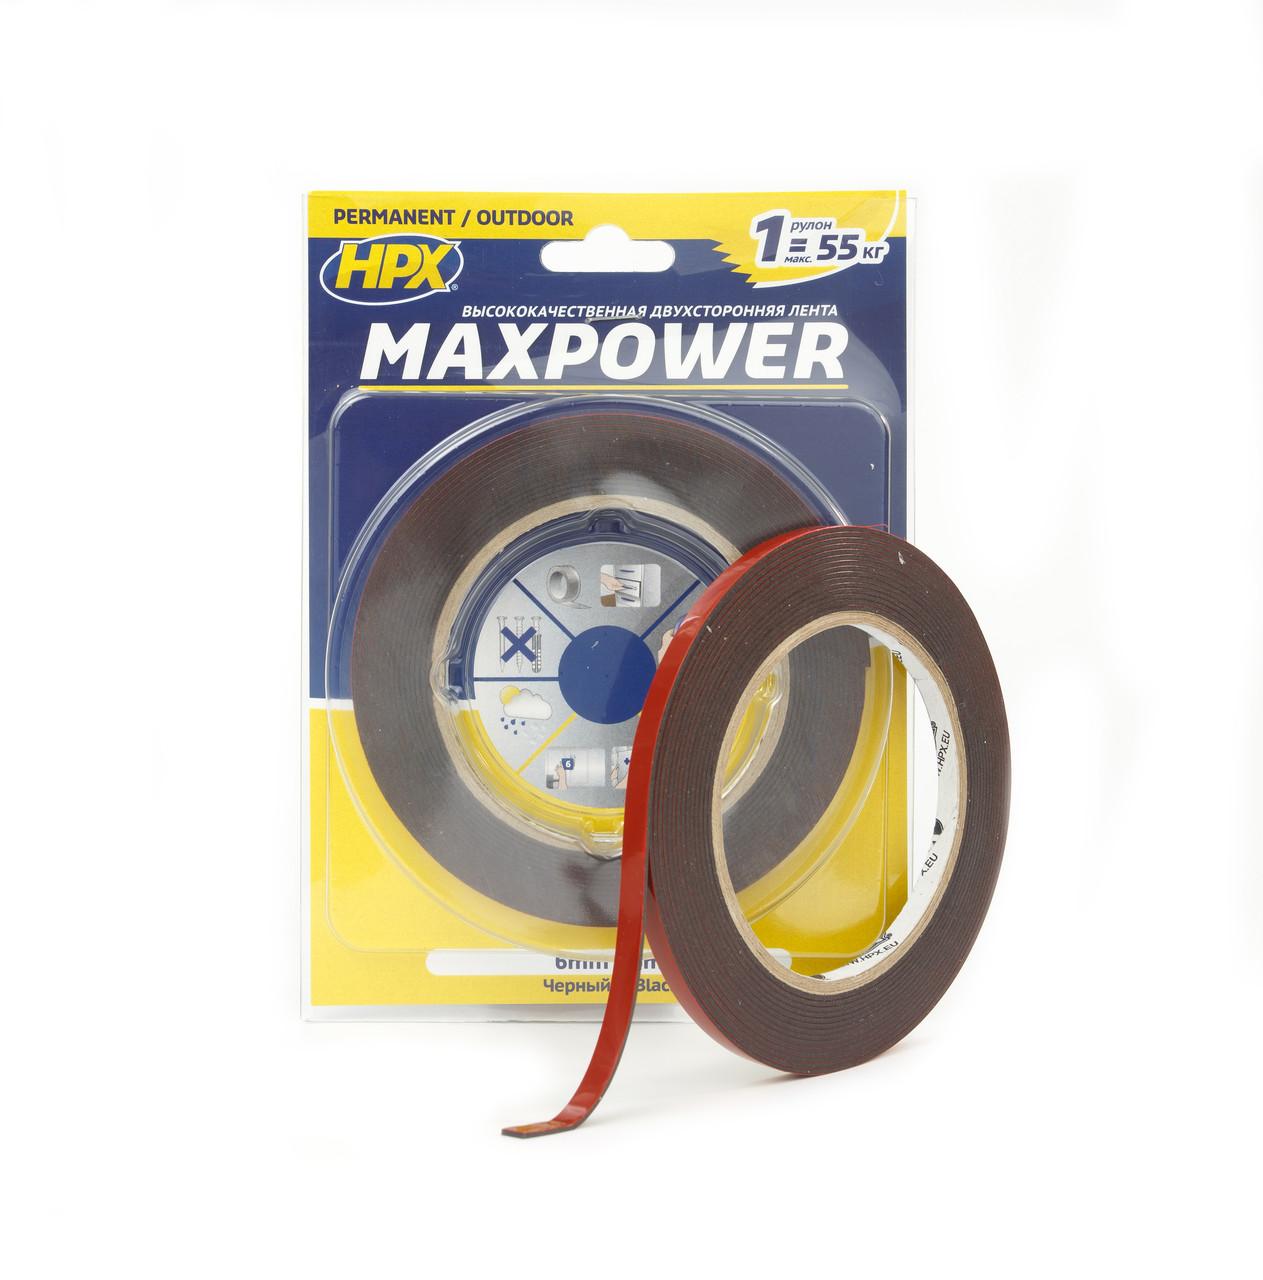 MAXPOWER OUTDOOR - черная двусторонняя лента (скотч) для экстремальных нагрузок - для наружных работ